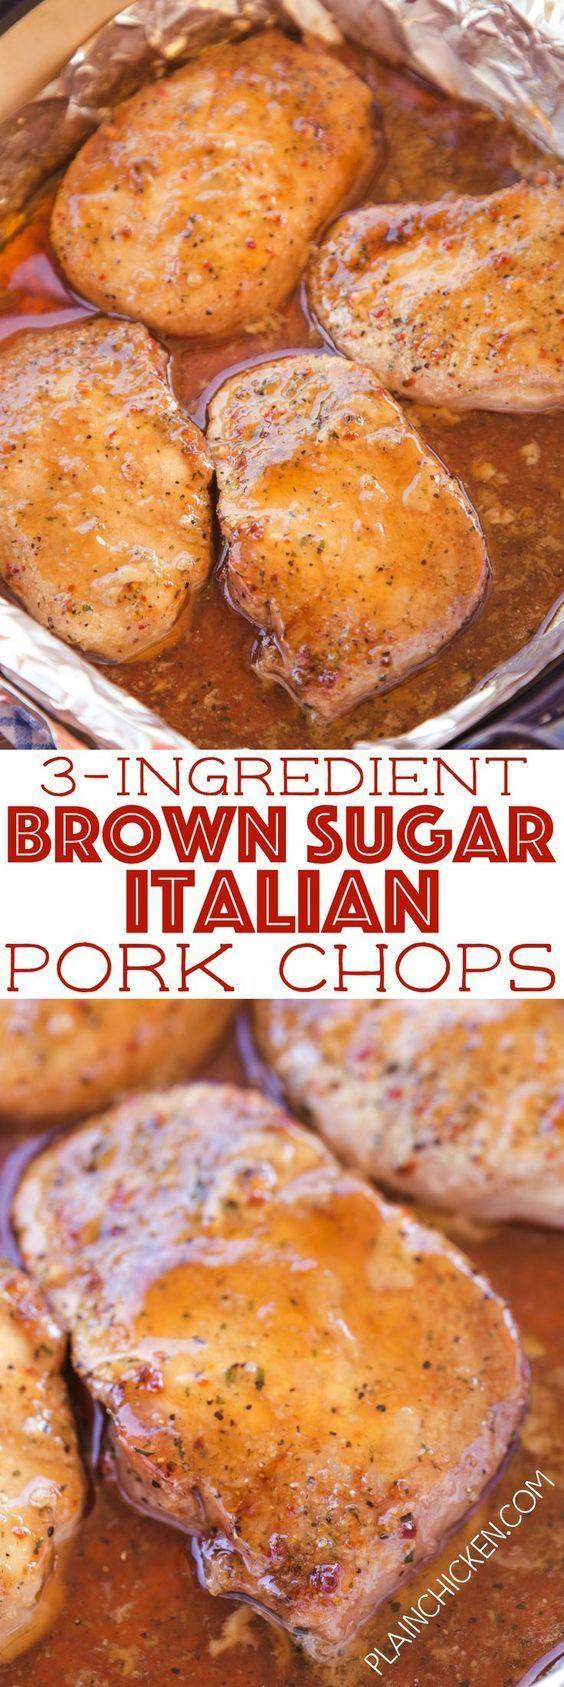 3-Ingredient Brown Sugar Italian Pork Chops - 3-Ingredient Brown Sugar Italian Pork Chops – seri